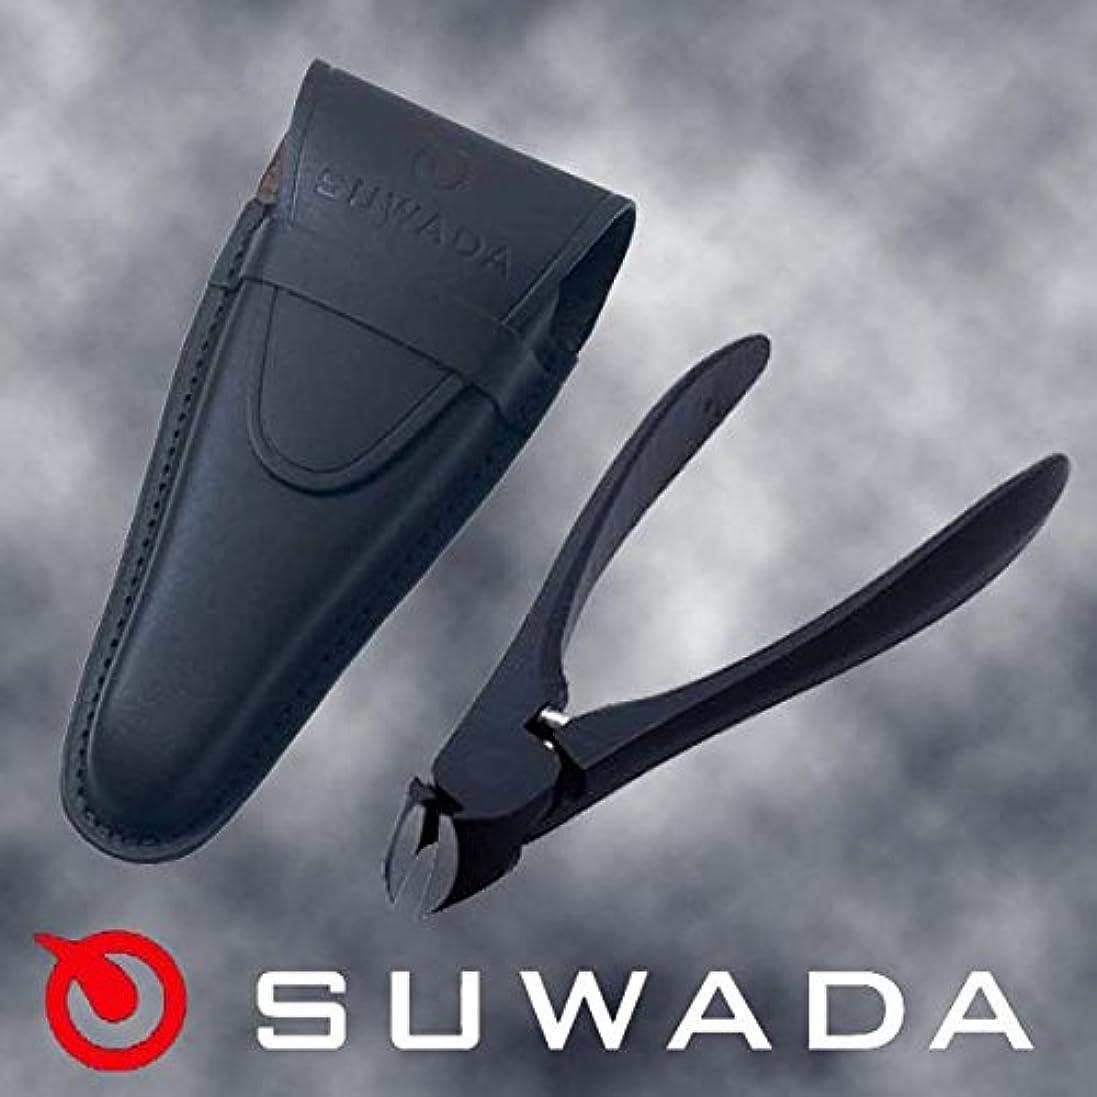 鎮静剤浮浪者策定するSUWADA爪切りブラックL&ブラック革ケースセット 諏訪田製作所製 スワダの爪切り